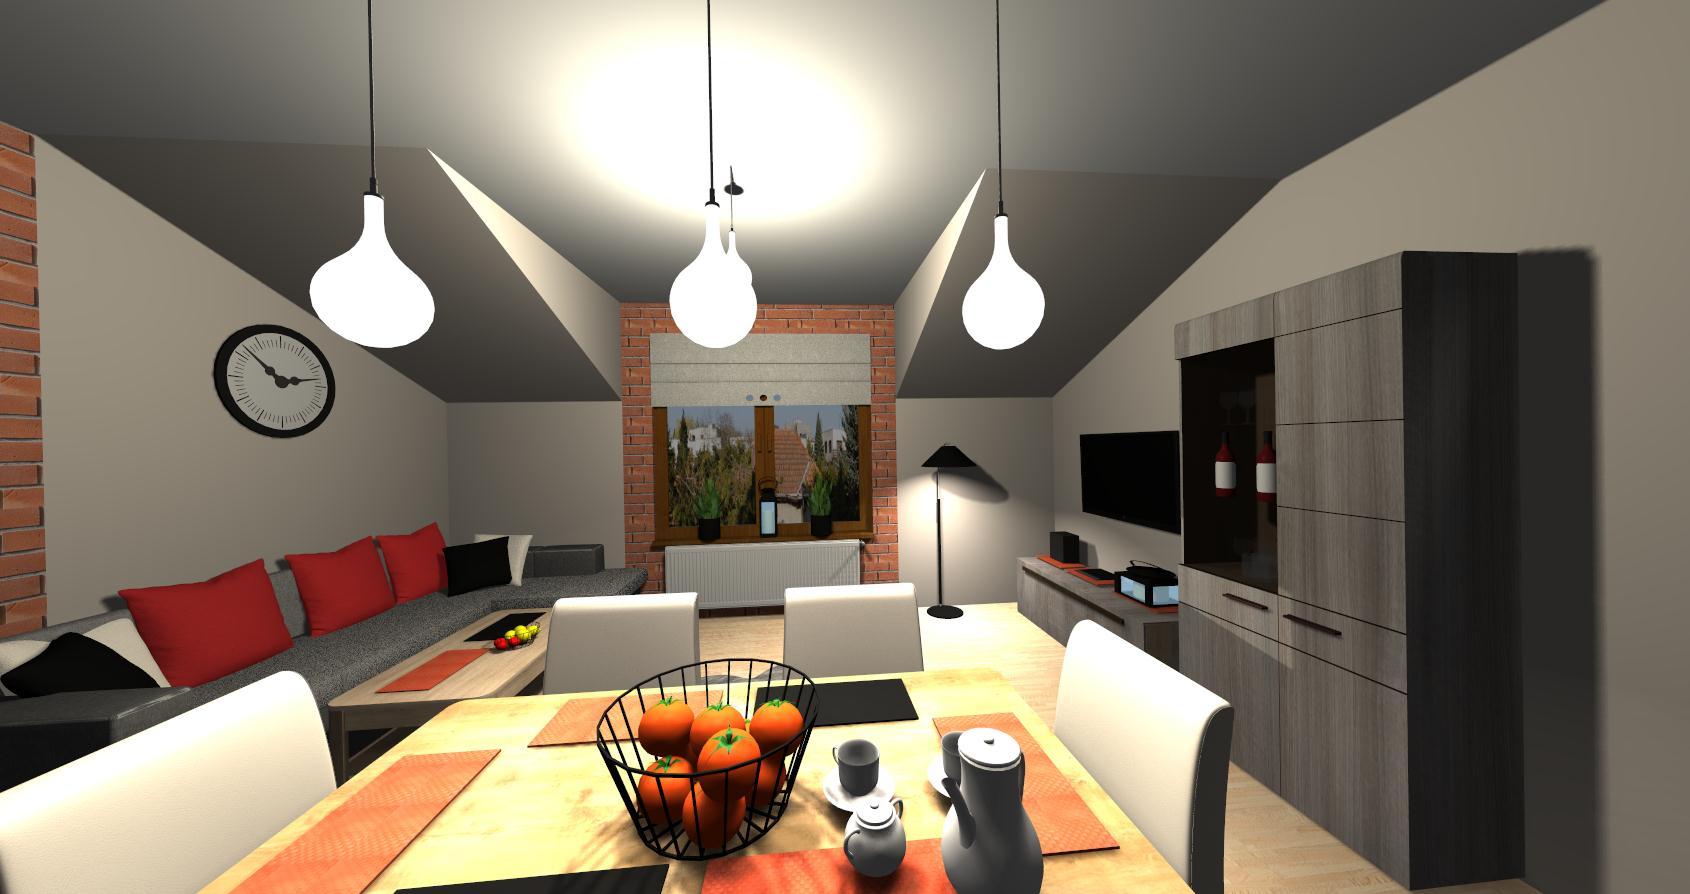 Salon Grocika 17 - Salon w stylu industrialnym